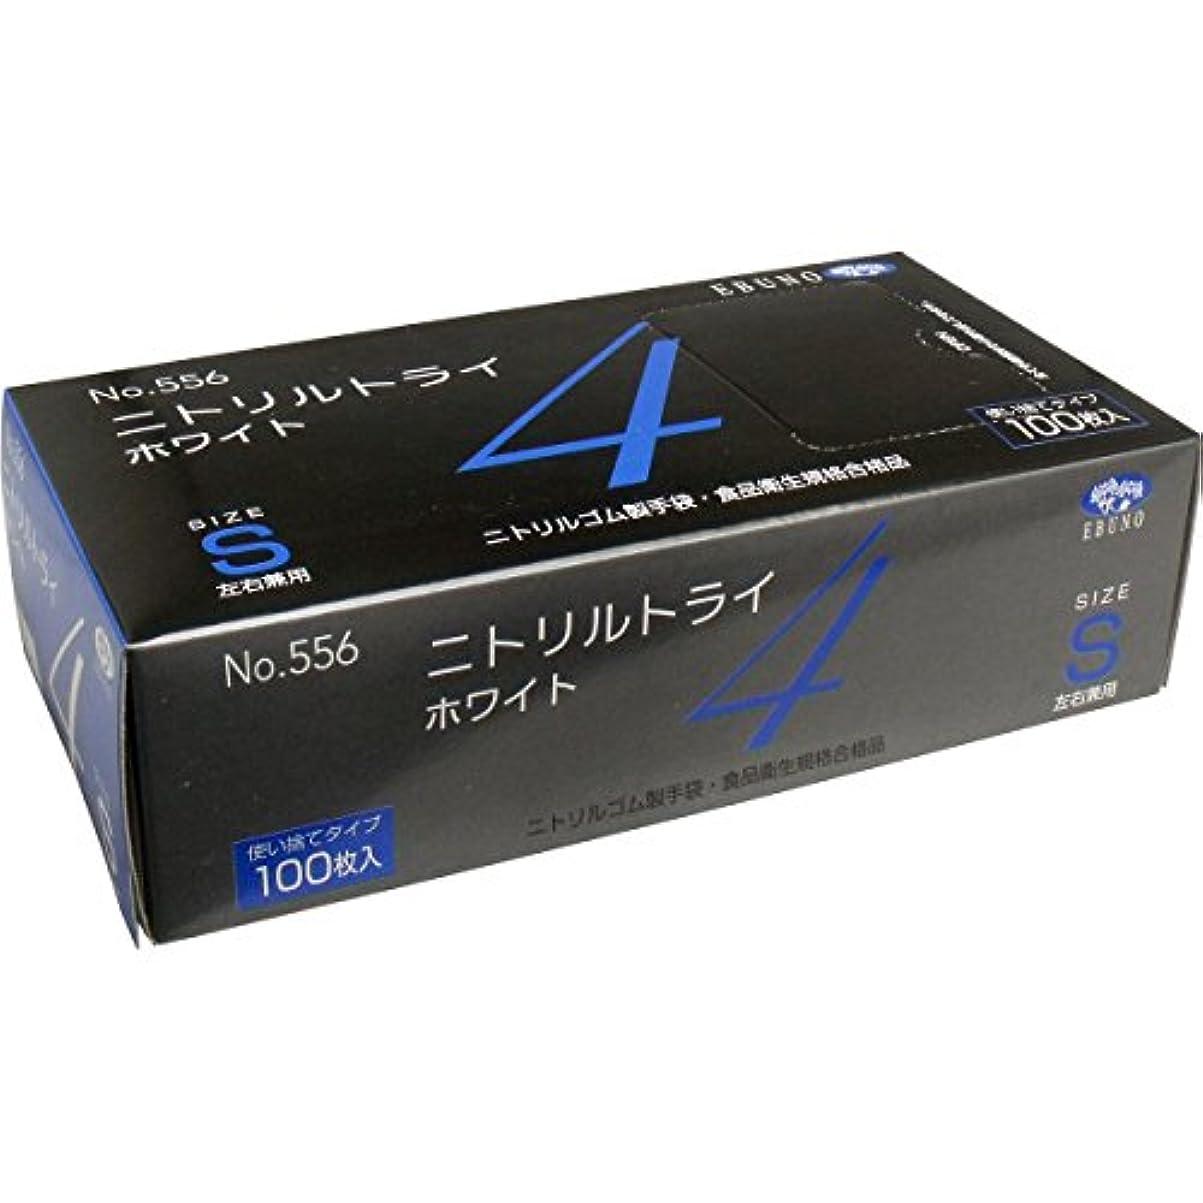 国民ヘロイン陰気ニトリルトライ4 №556 ホワイト 粉付 Sサイズ 100枚入